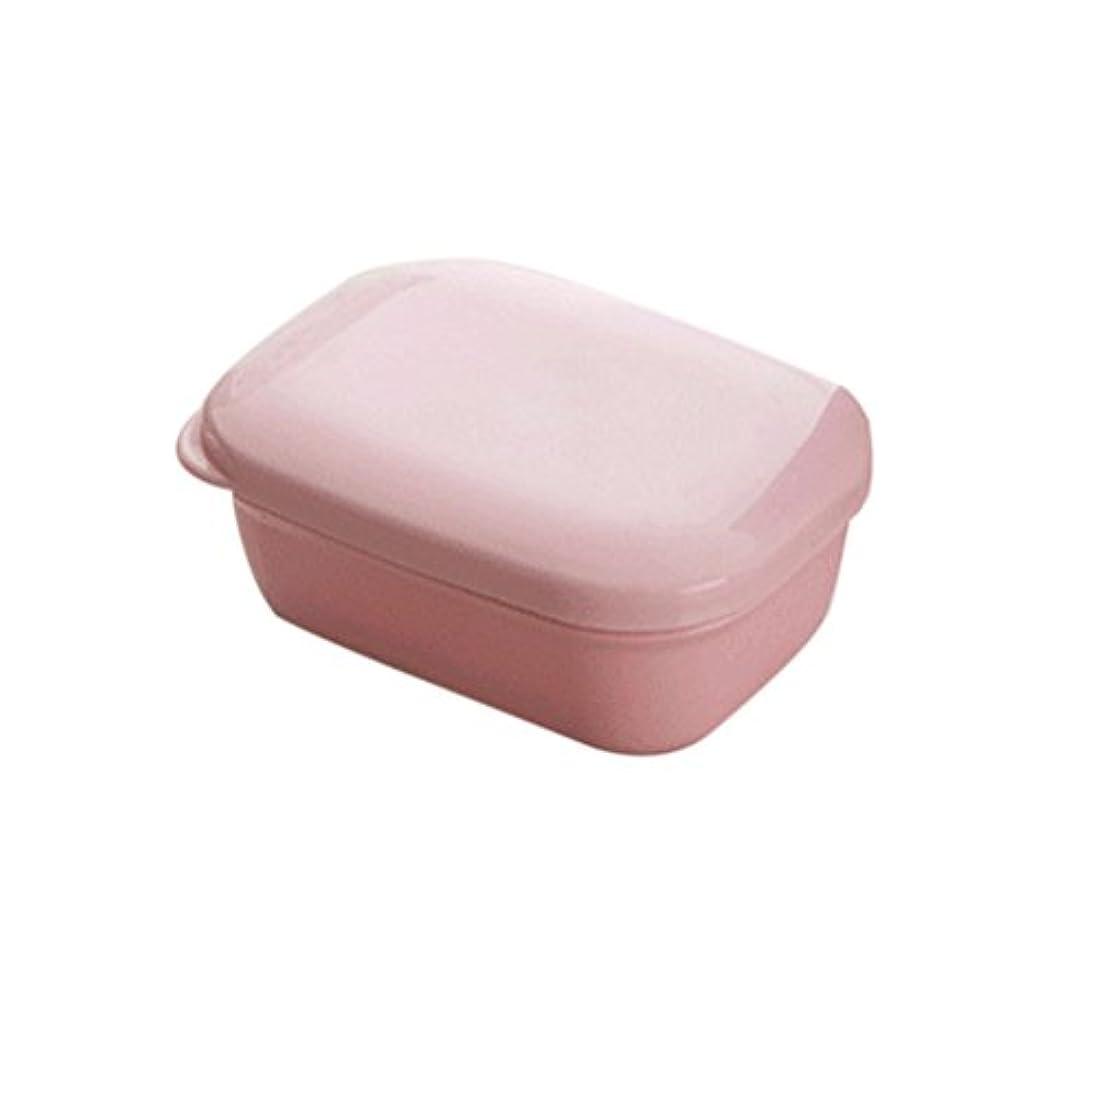 ループ否認する天国BESTOMZ 石鹸ケース 石鹸置き ソープディッシュ 旅行用 携帯 ふた付け(ピンク)